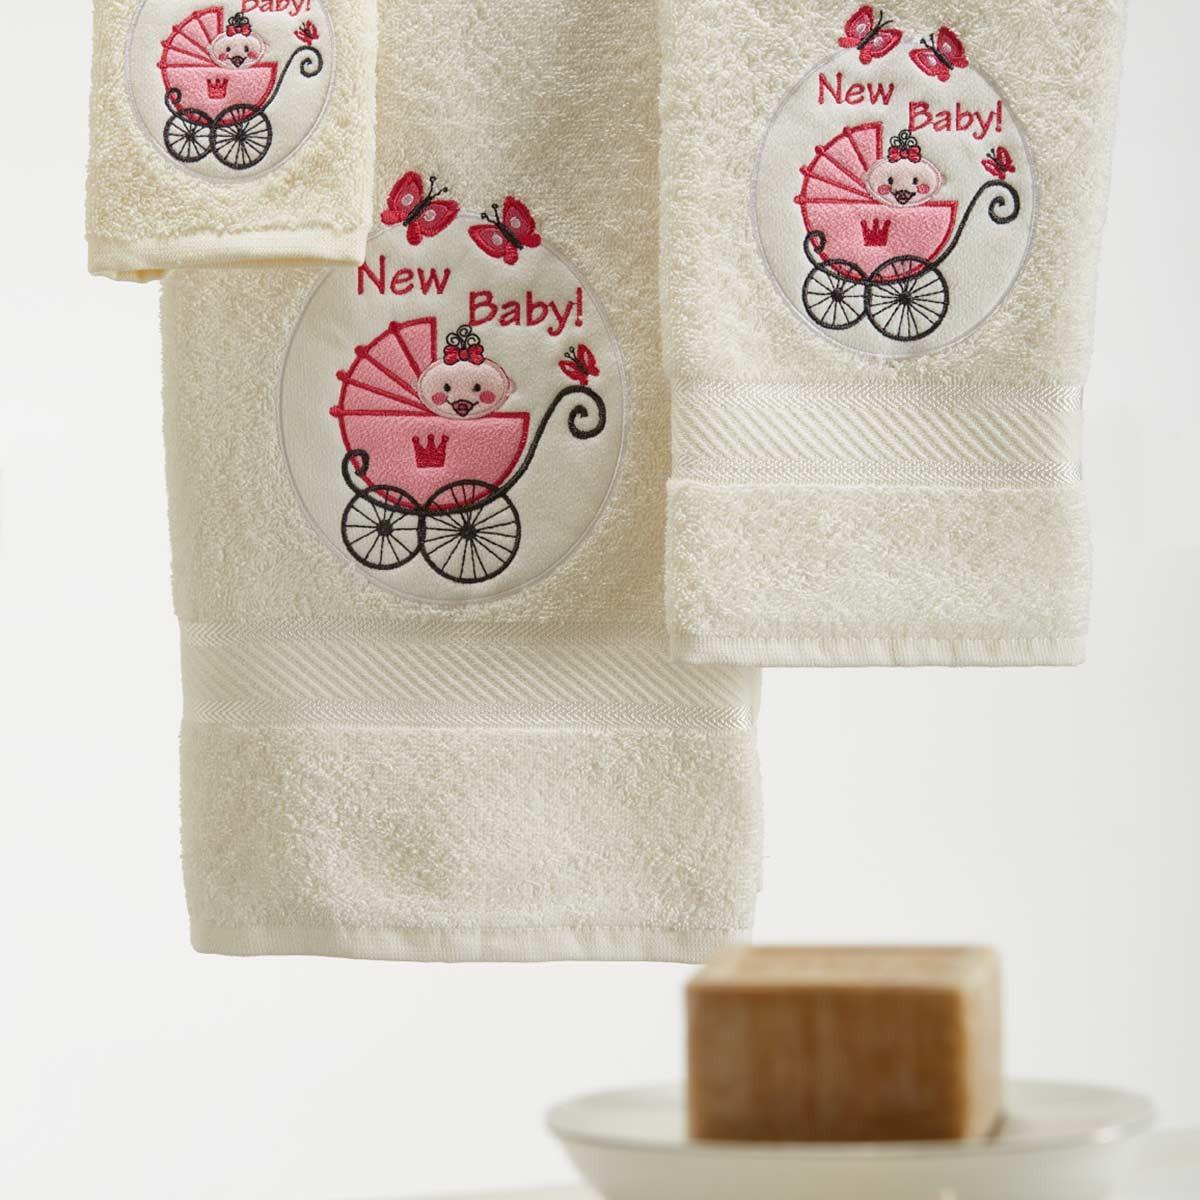 Παιδικές Πετσέτες (Σετ) White Egg Καροτσάκι Ροζ